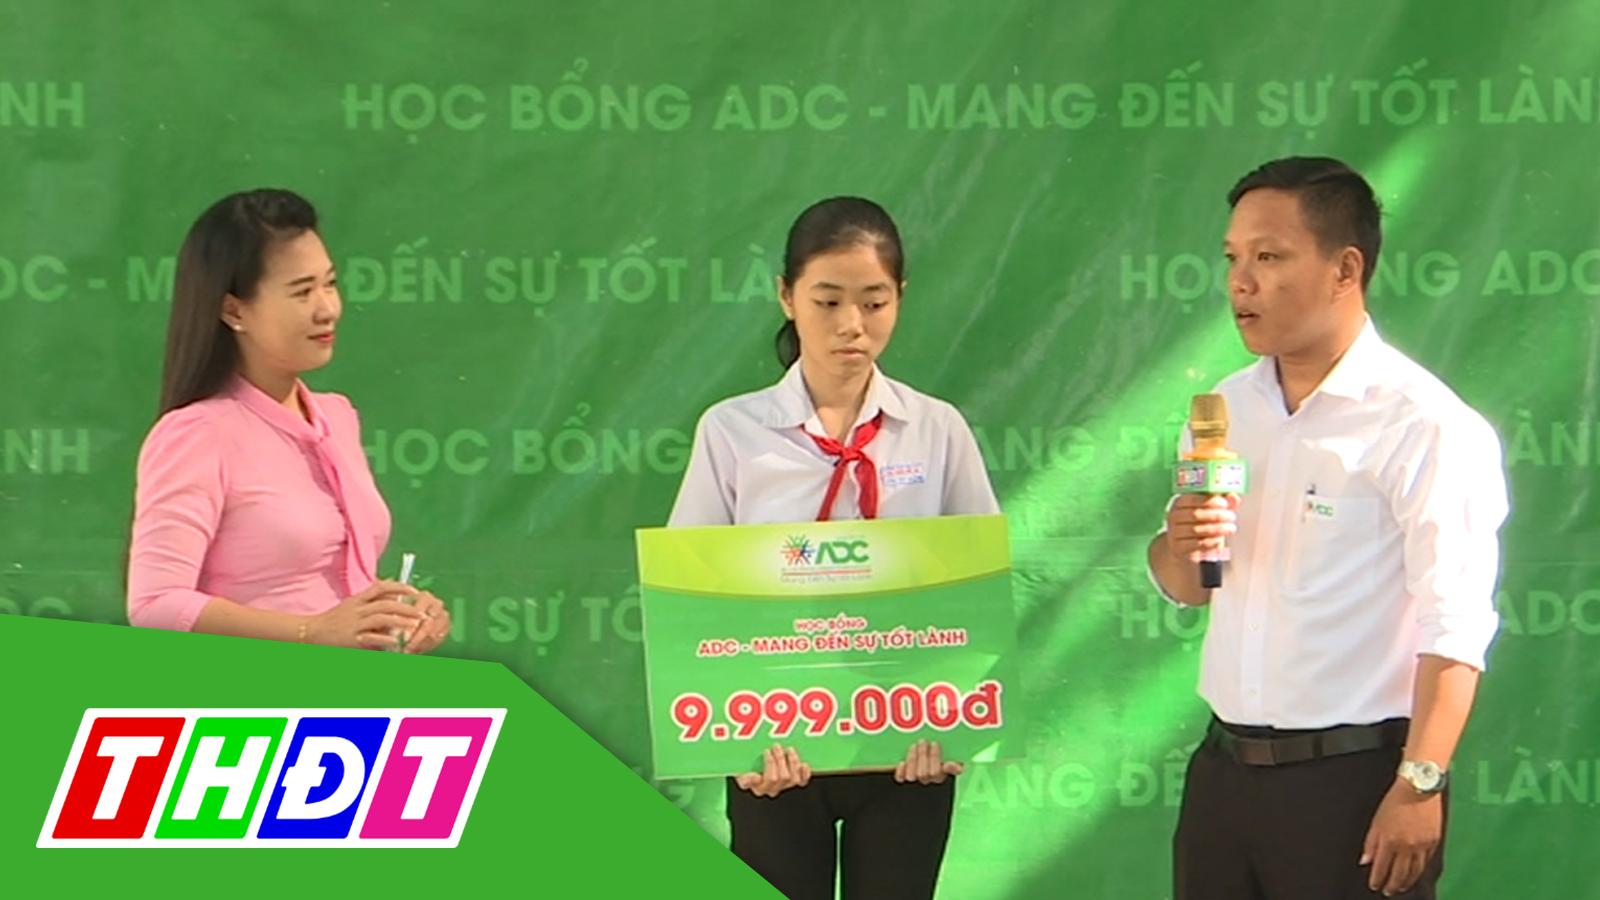 ADC mang đến sự tốt lành - 26/11/2020: Em Hà Minh Giàu